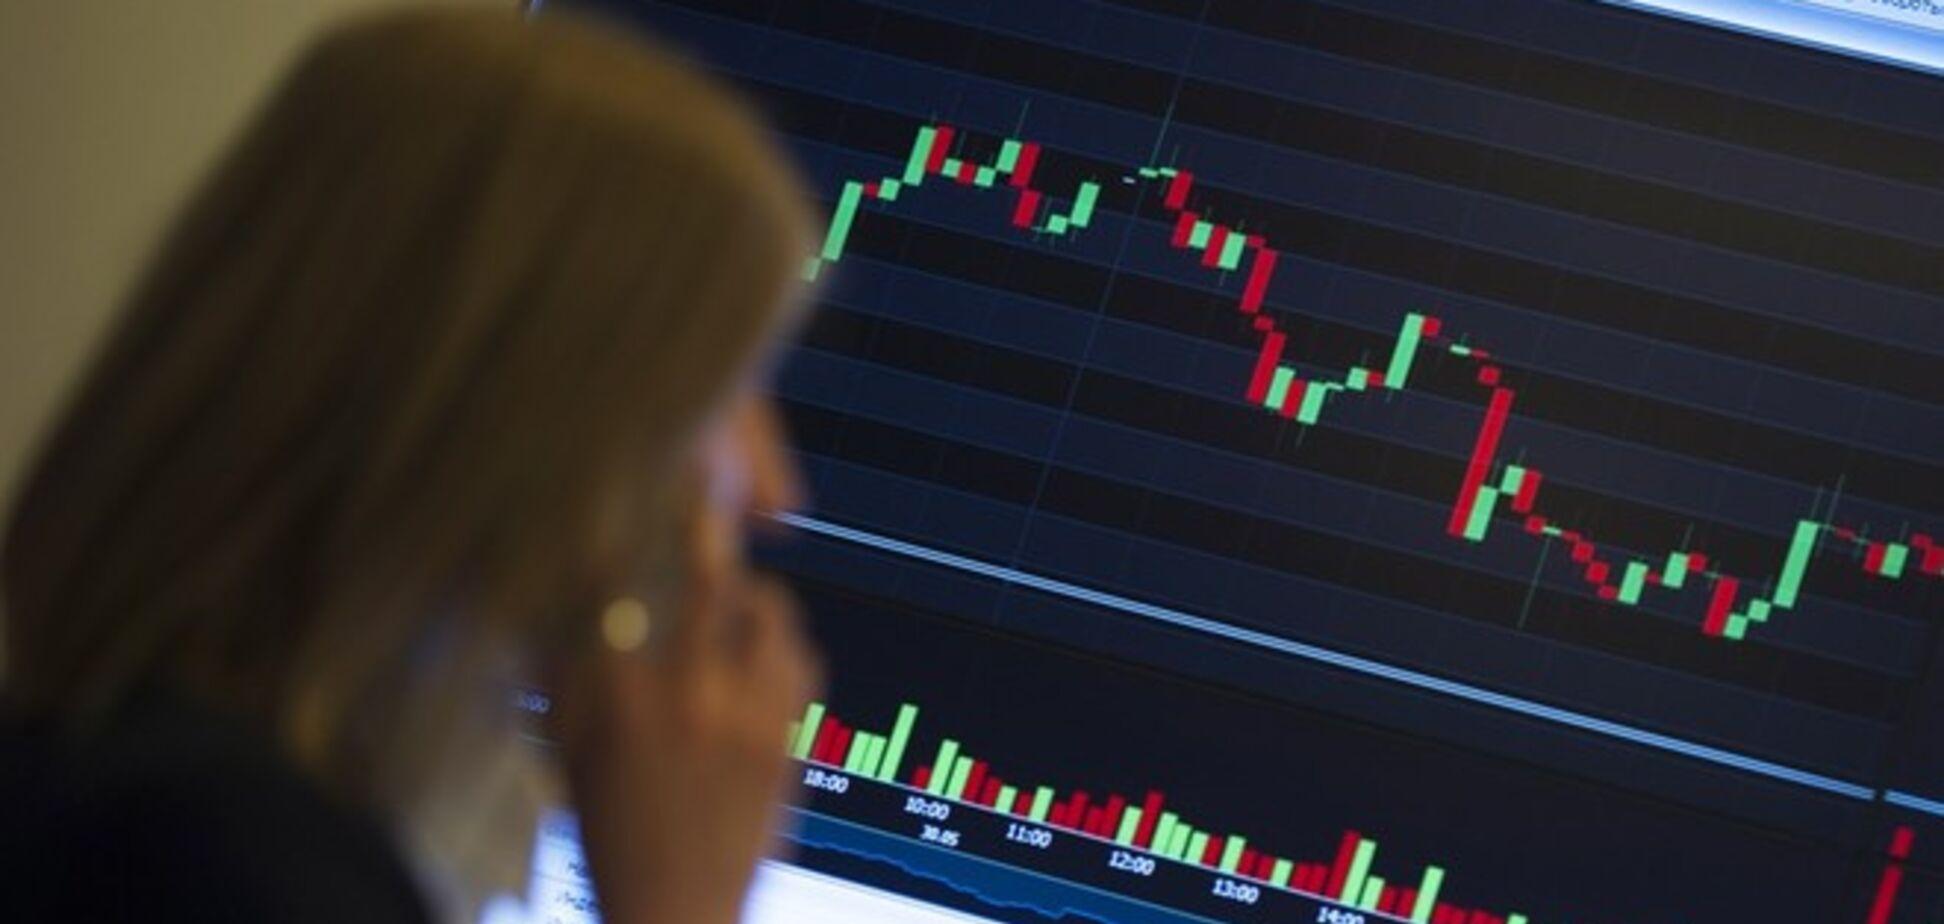 Котировки российских компаний мгновенно рухнули из-за рекордного обвала рубля